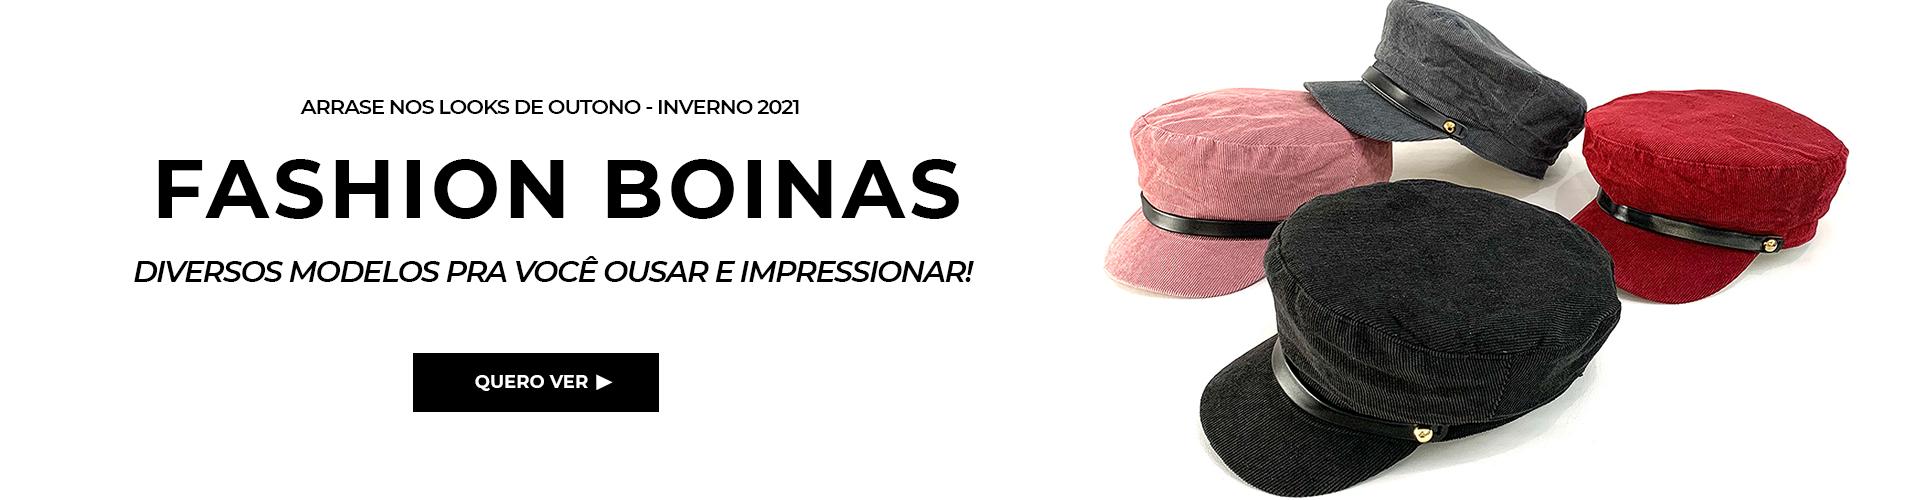 Boinas Fashion www.chapeupremium.com.br